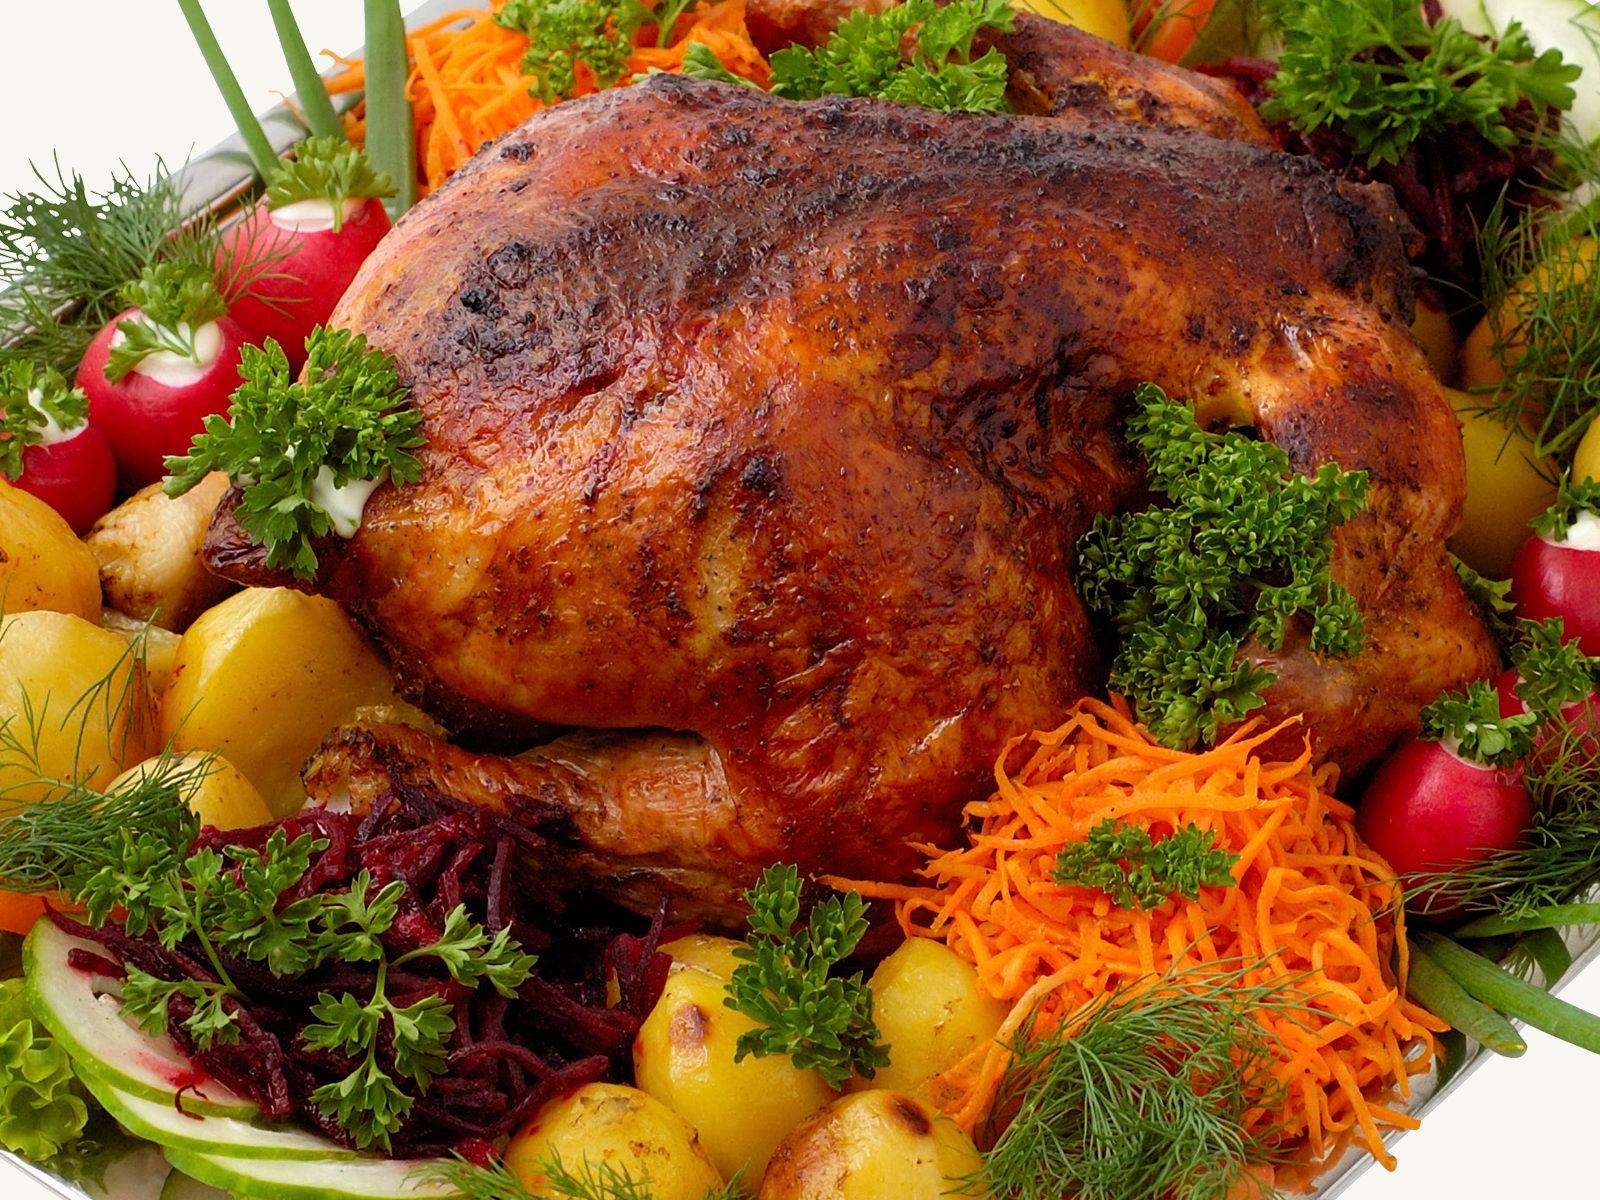 Weihnachtsessen Fleisch.Hintergrundbilder Lebensmittel Fleisch Gemüse Hähnchen